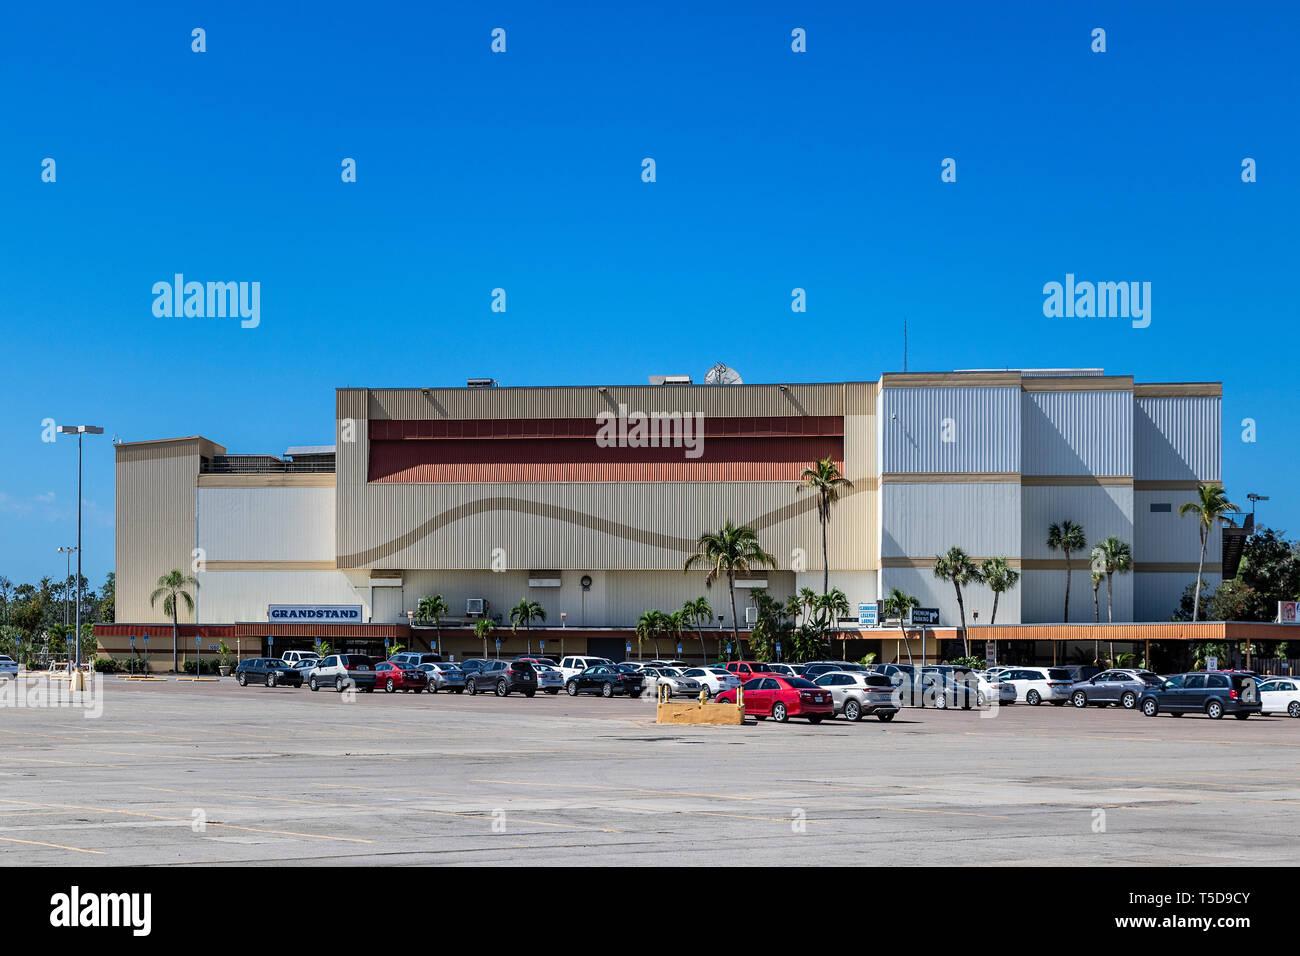 Grayhound Racing Track, Bonita Springs, Florida, USA. Stock Photo